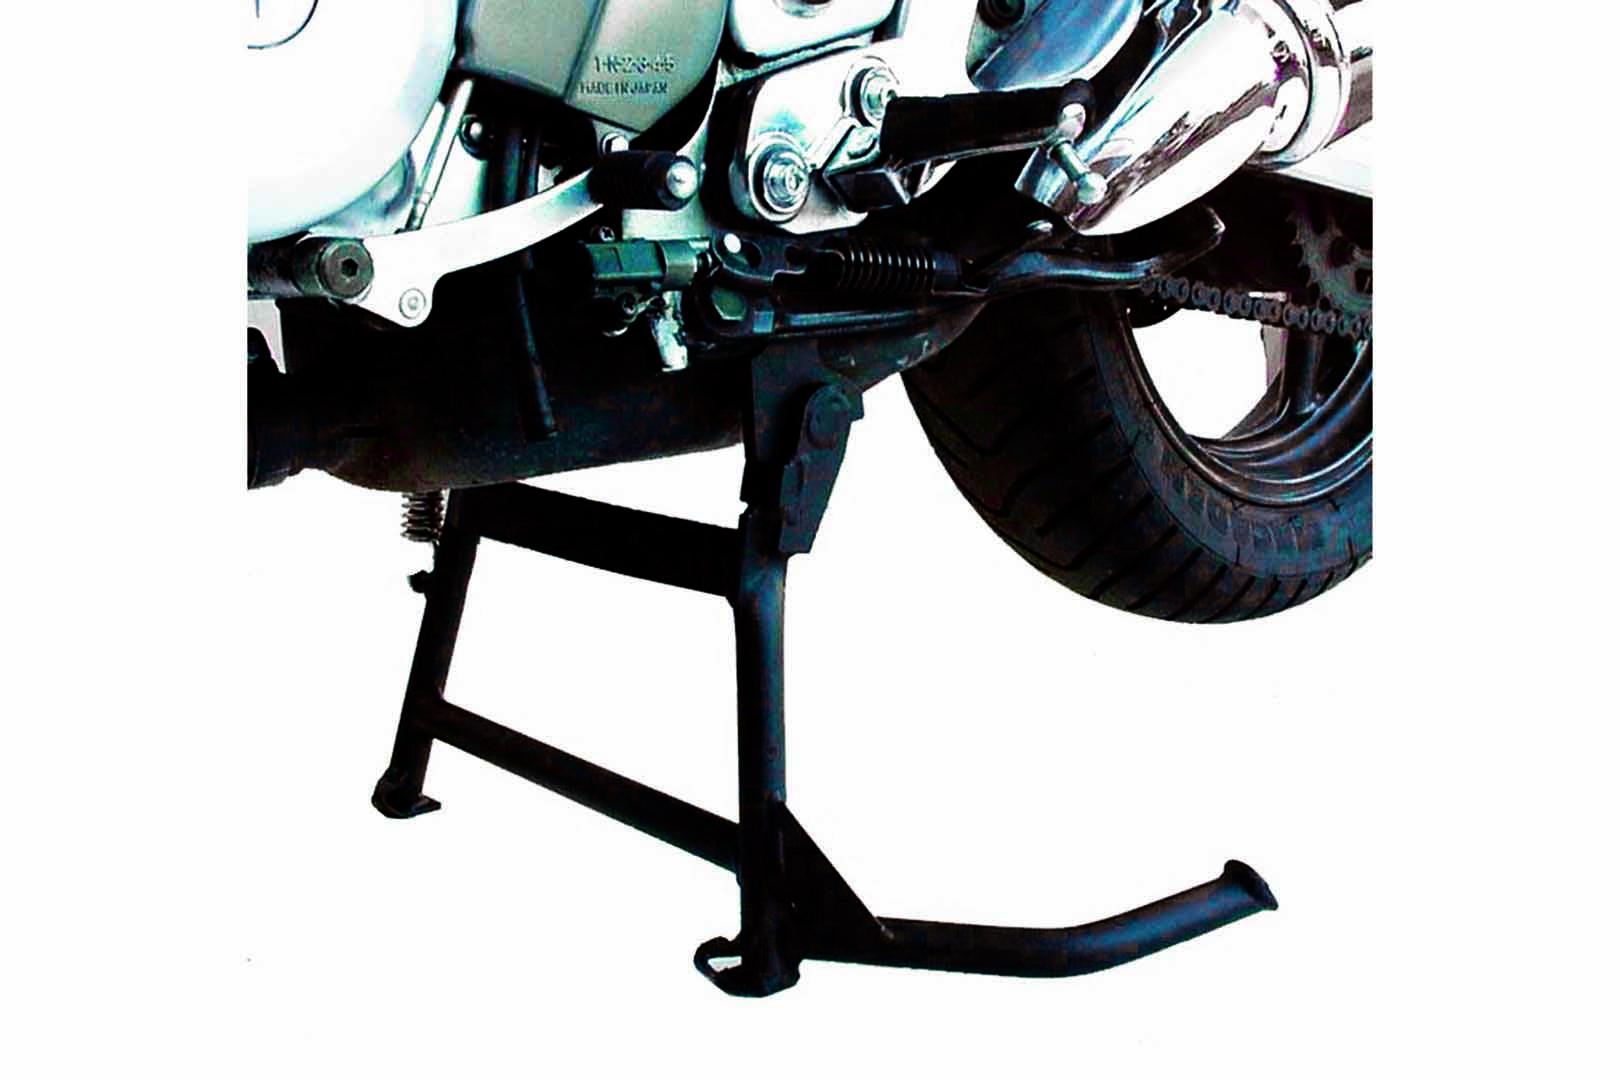 SW-Motech Keskituki Yamaha TDM850 95-